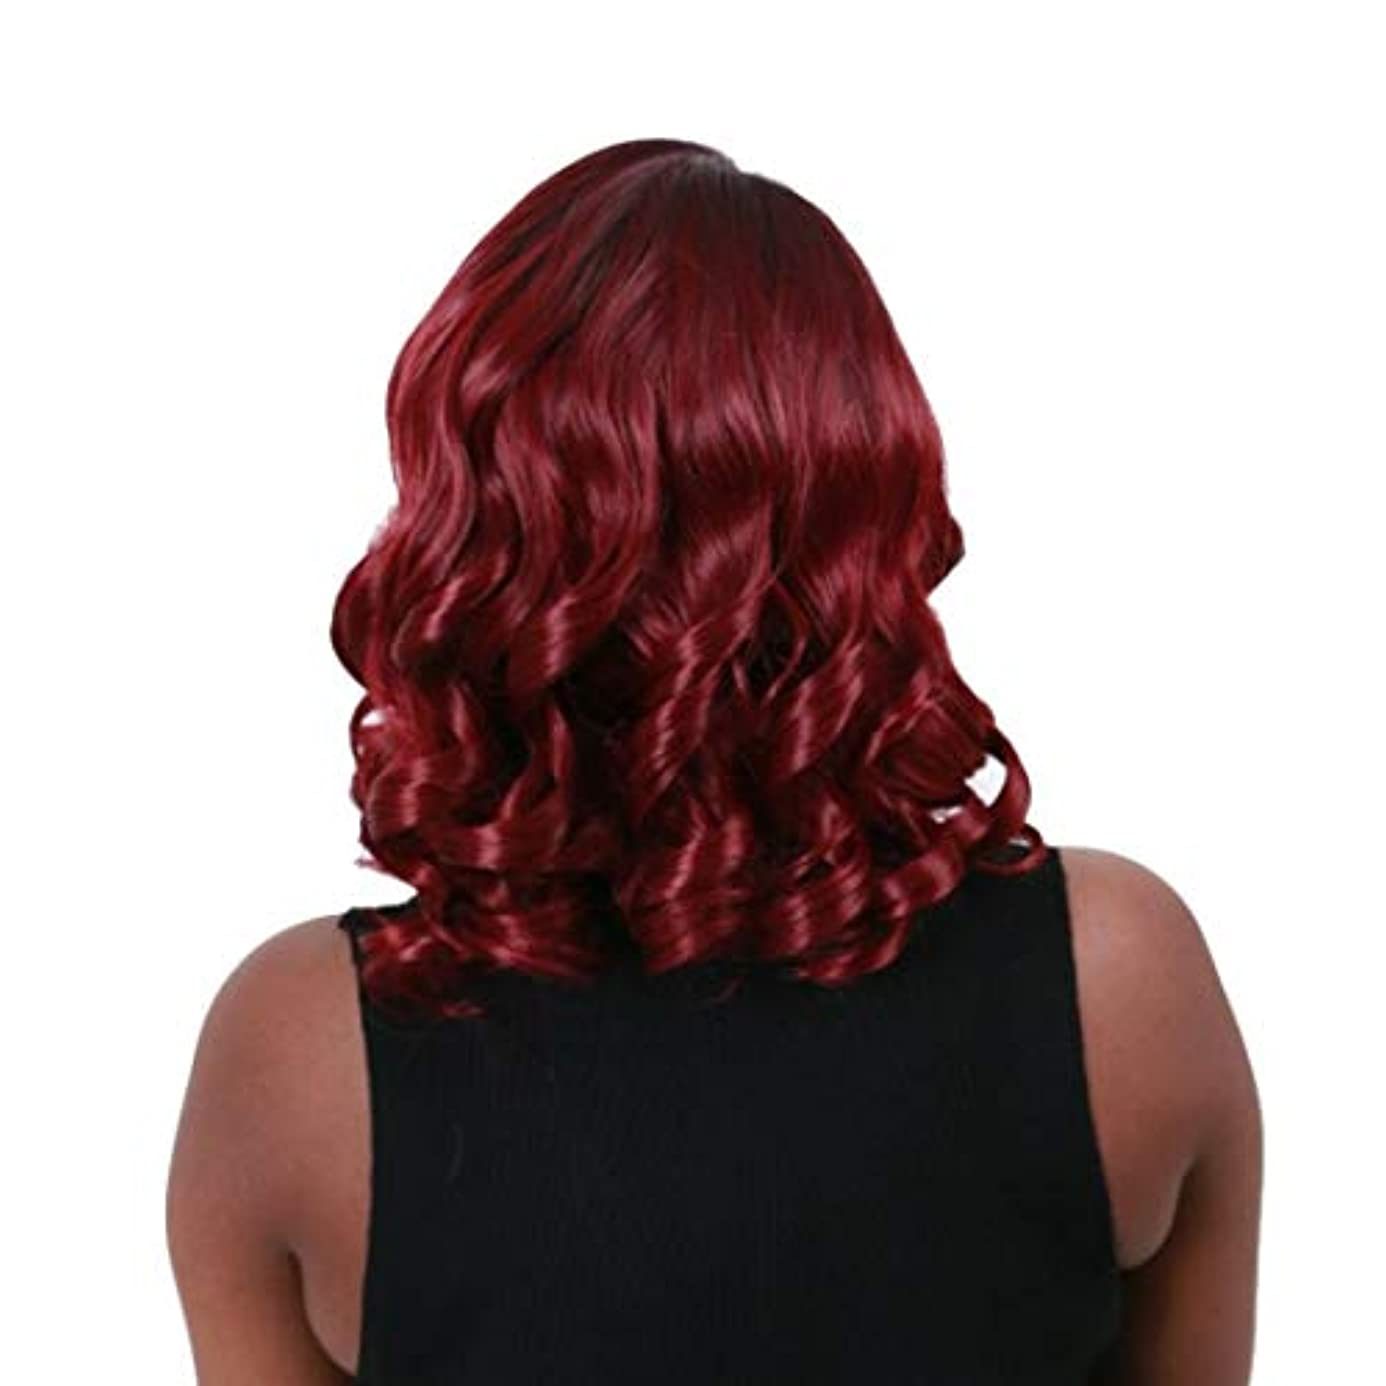 娯楽シェルターあらゆる種類のKerwinner 女性のための短い波状の合成かつらかつら短いふわふわボブ変態